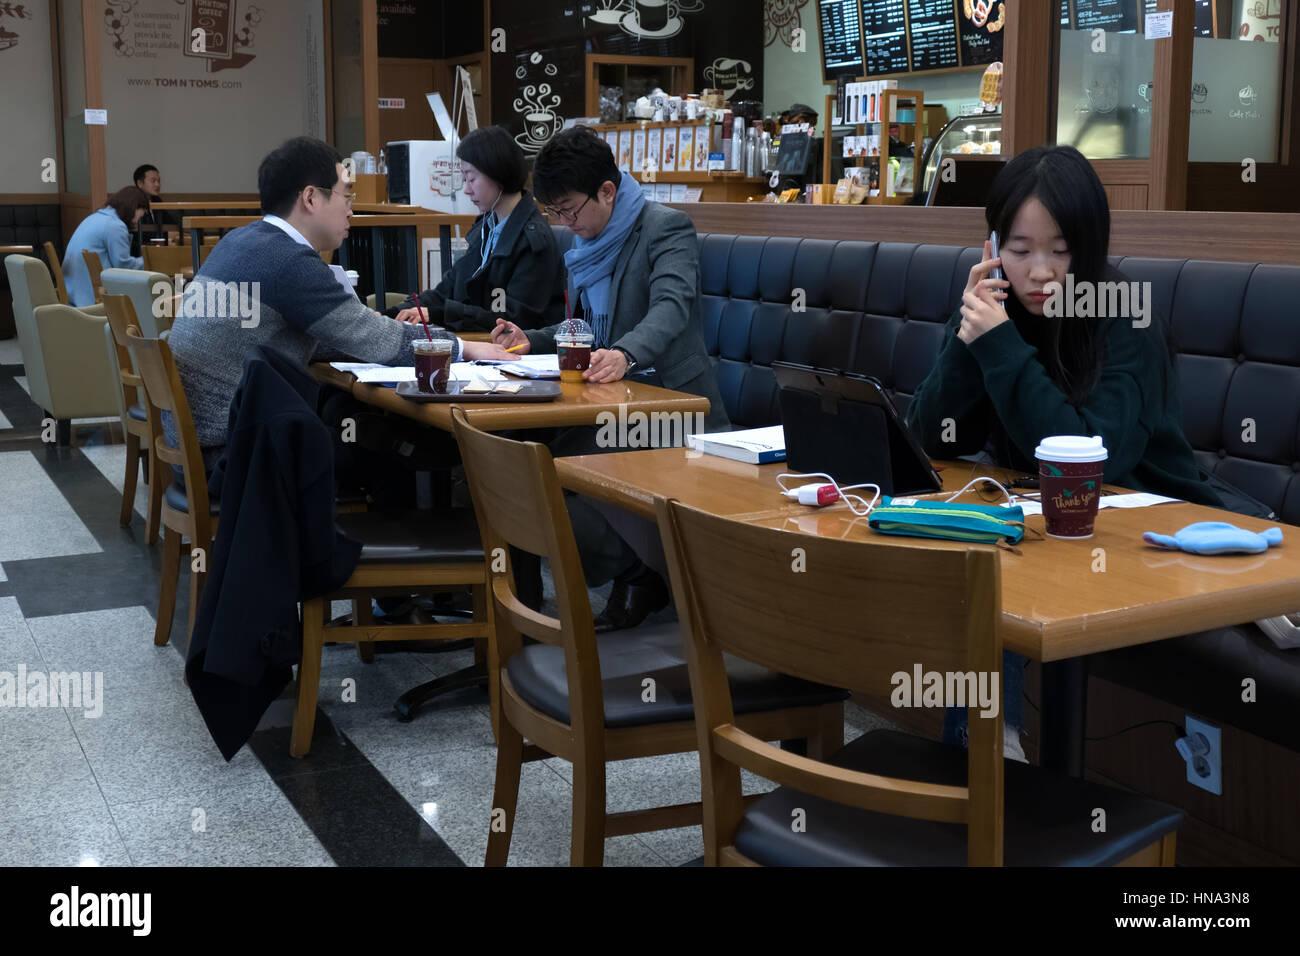 Jungen koreanischen Studenten studieren mit Handy und Tablet Ipad, asiatische Menschen arbeiten in einer Cafeteria, Stockfoto